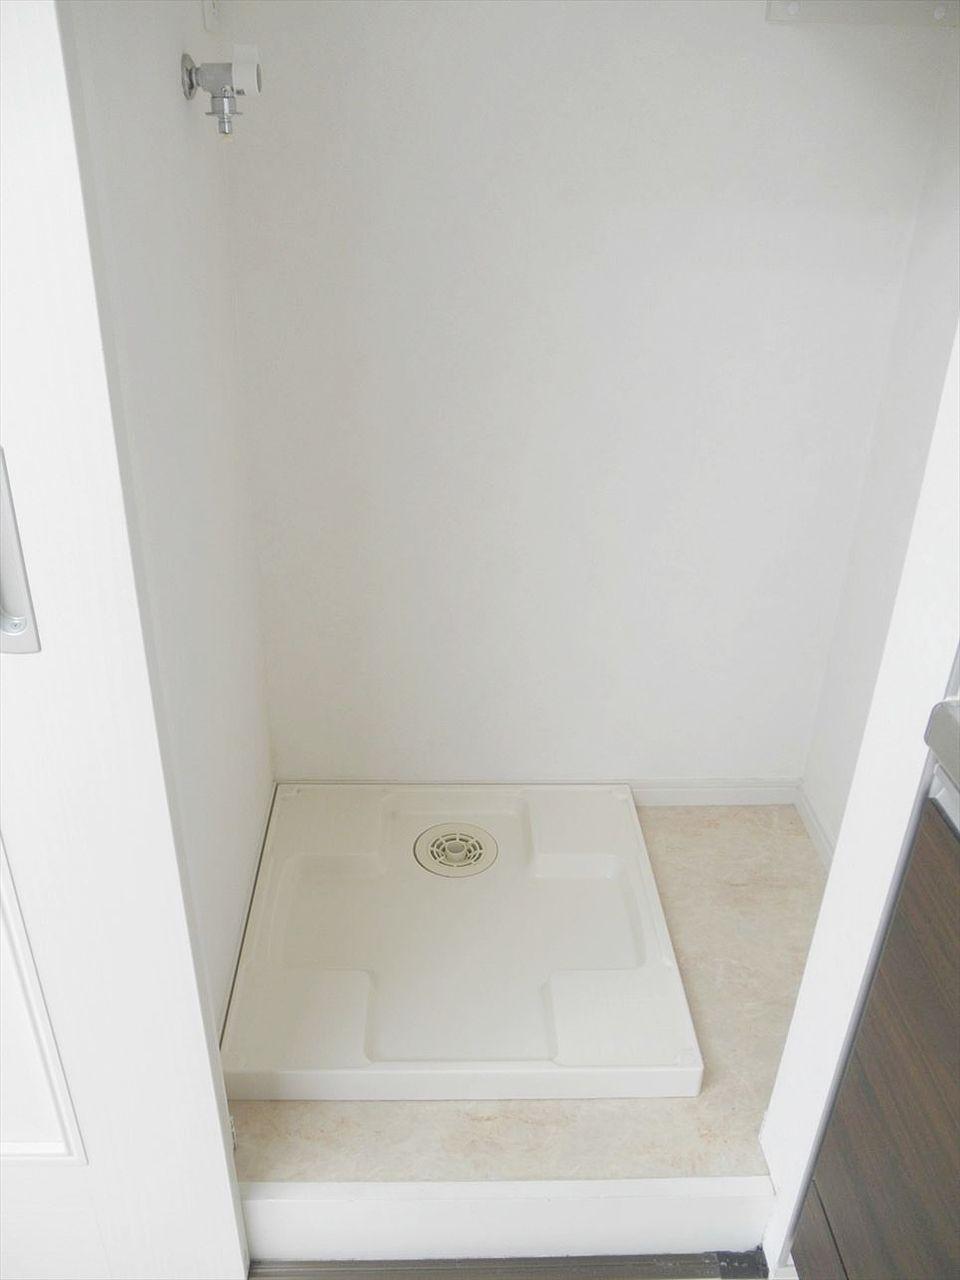 アゼリア青新ビル903号室は室内に洗濯機置き場あります。リビングのキッチン脇にあり、使用しない際は扉を閉めておけます